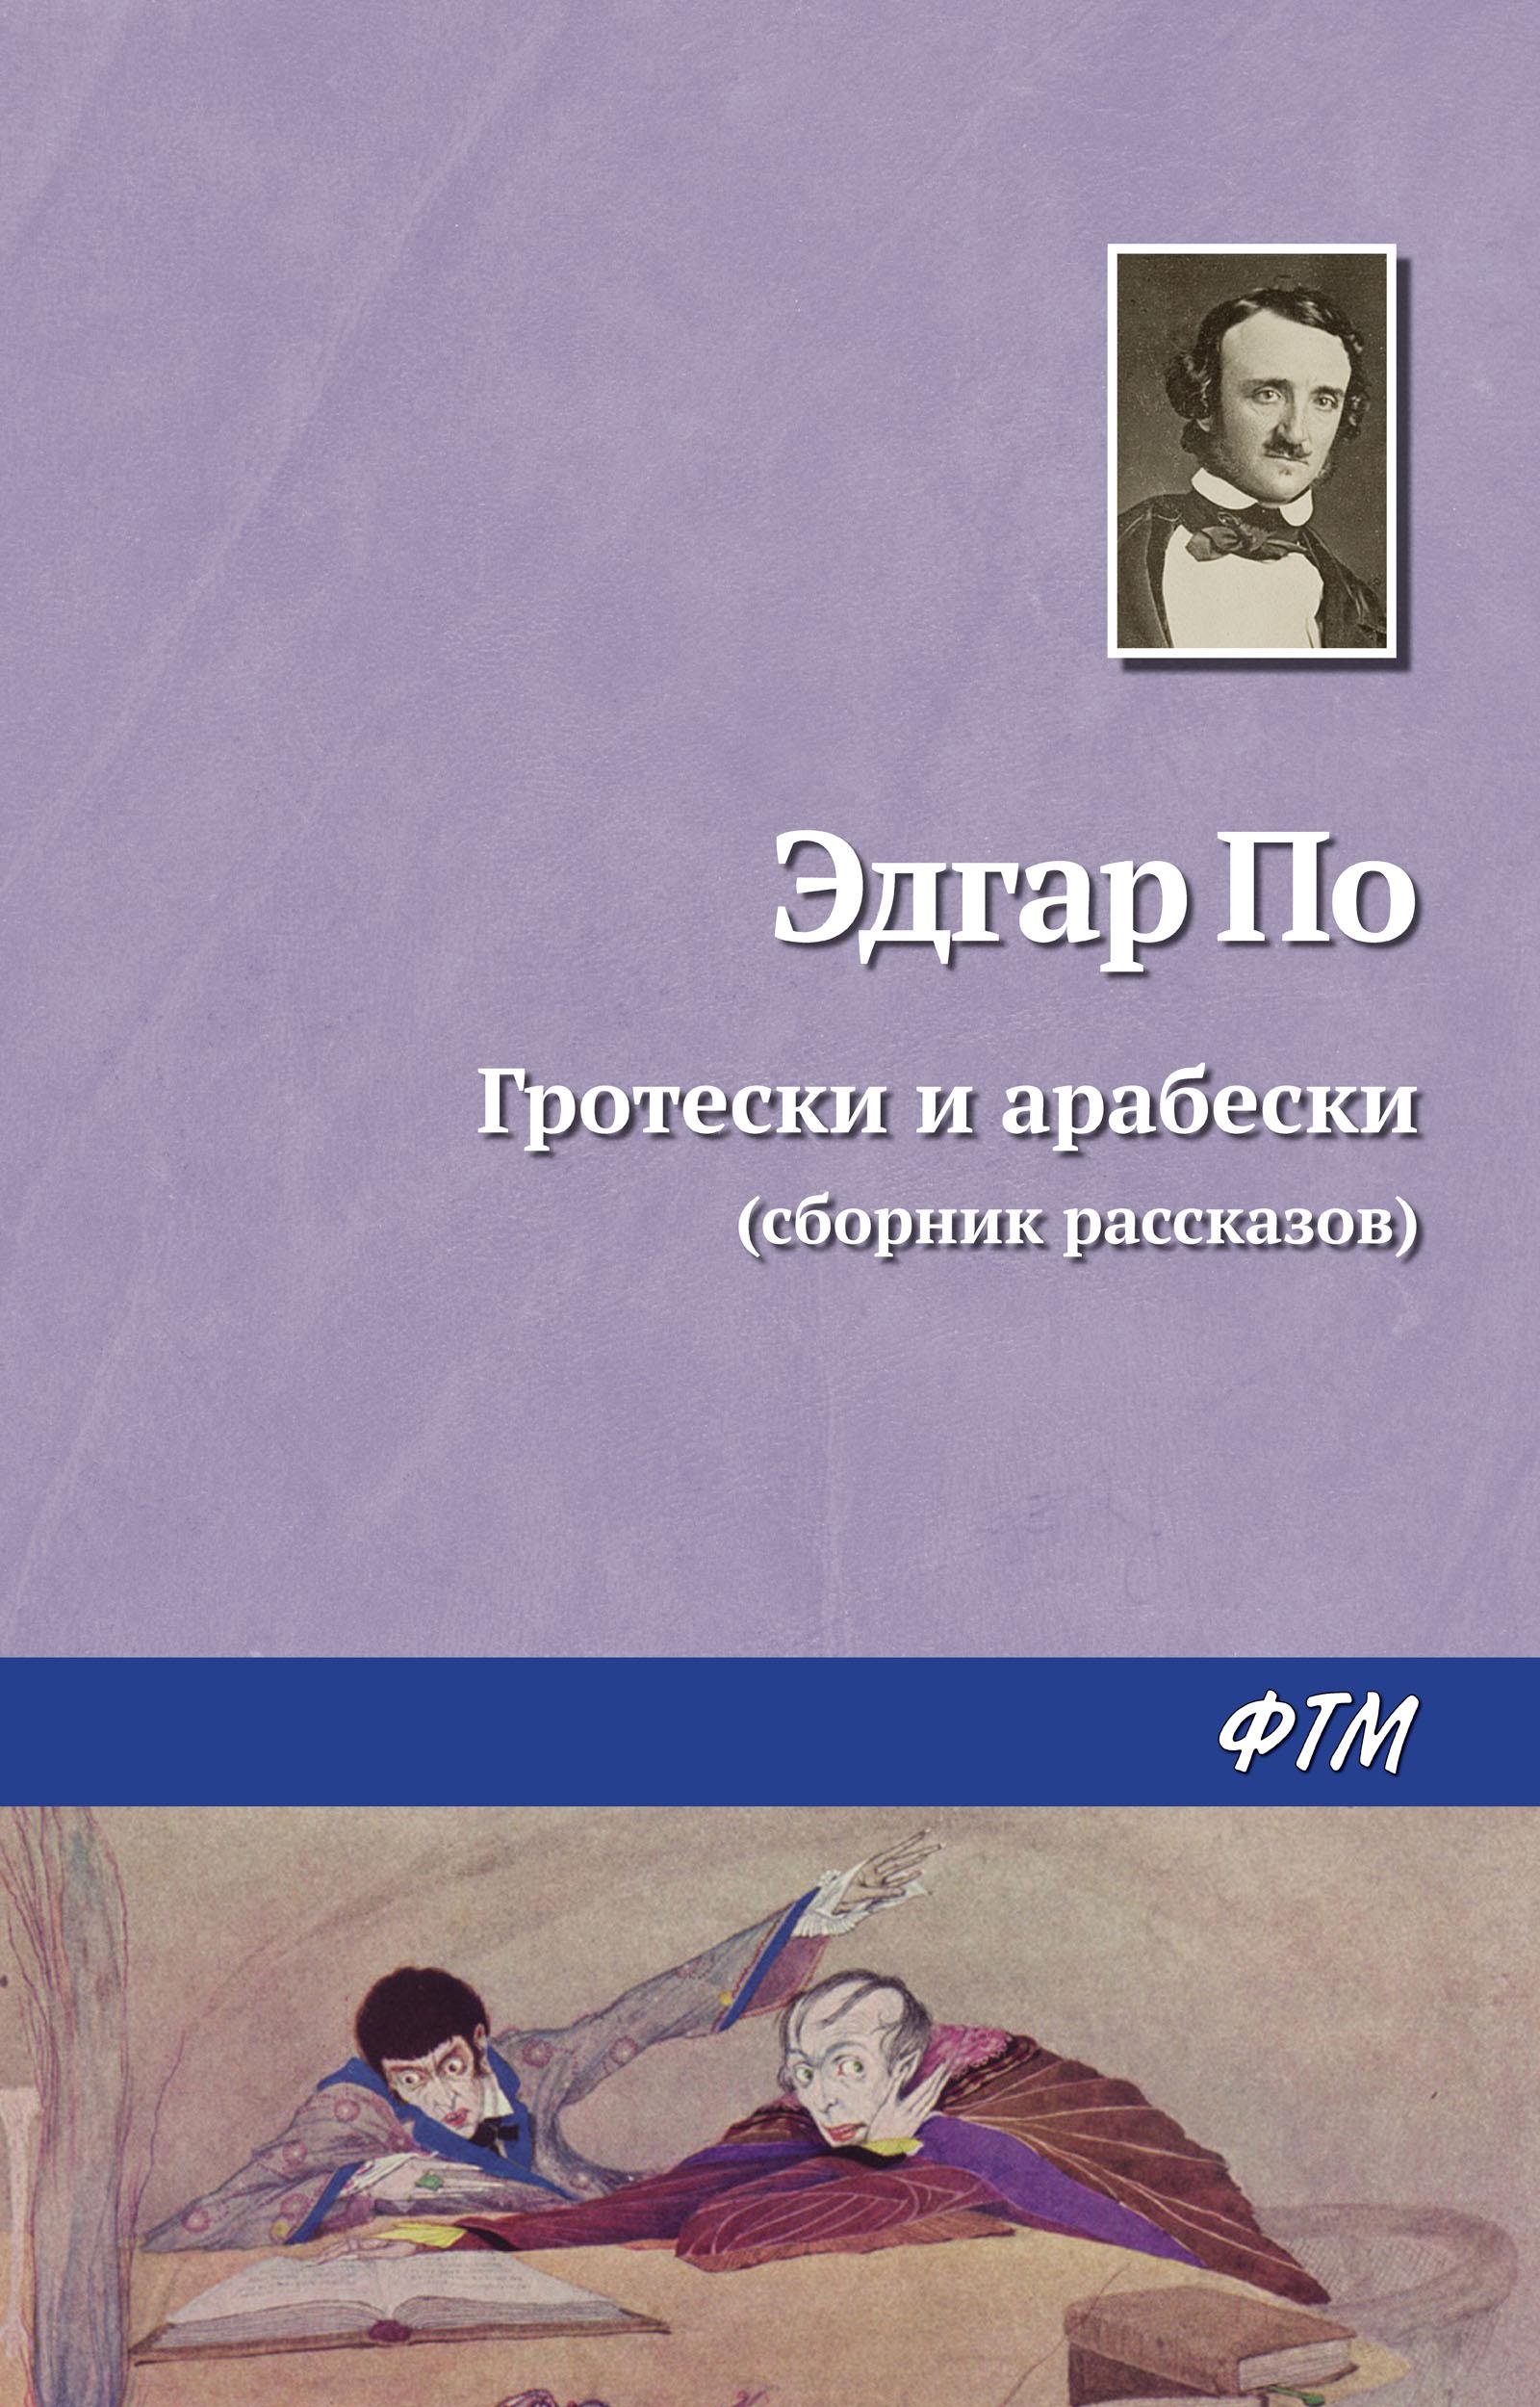 Купить книгу Гротески и арабески, автора Эдгара Аллана По